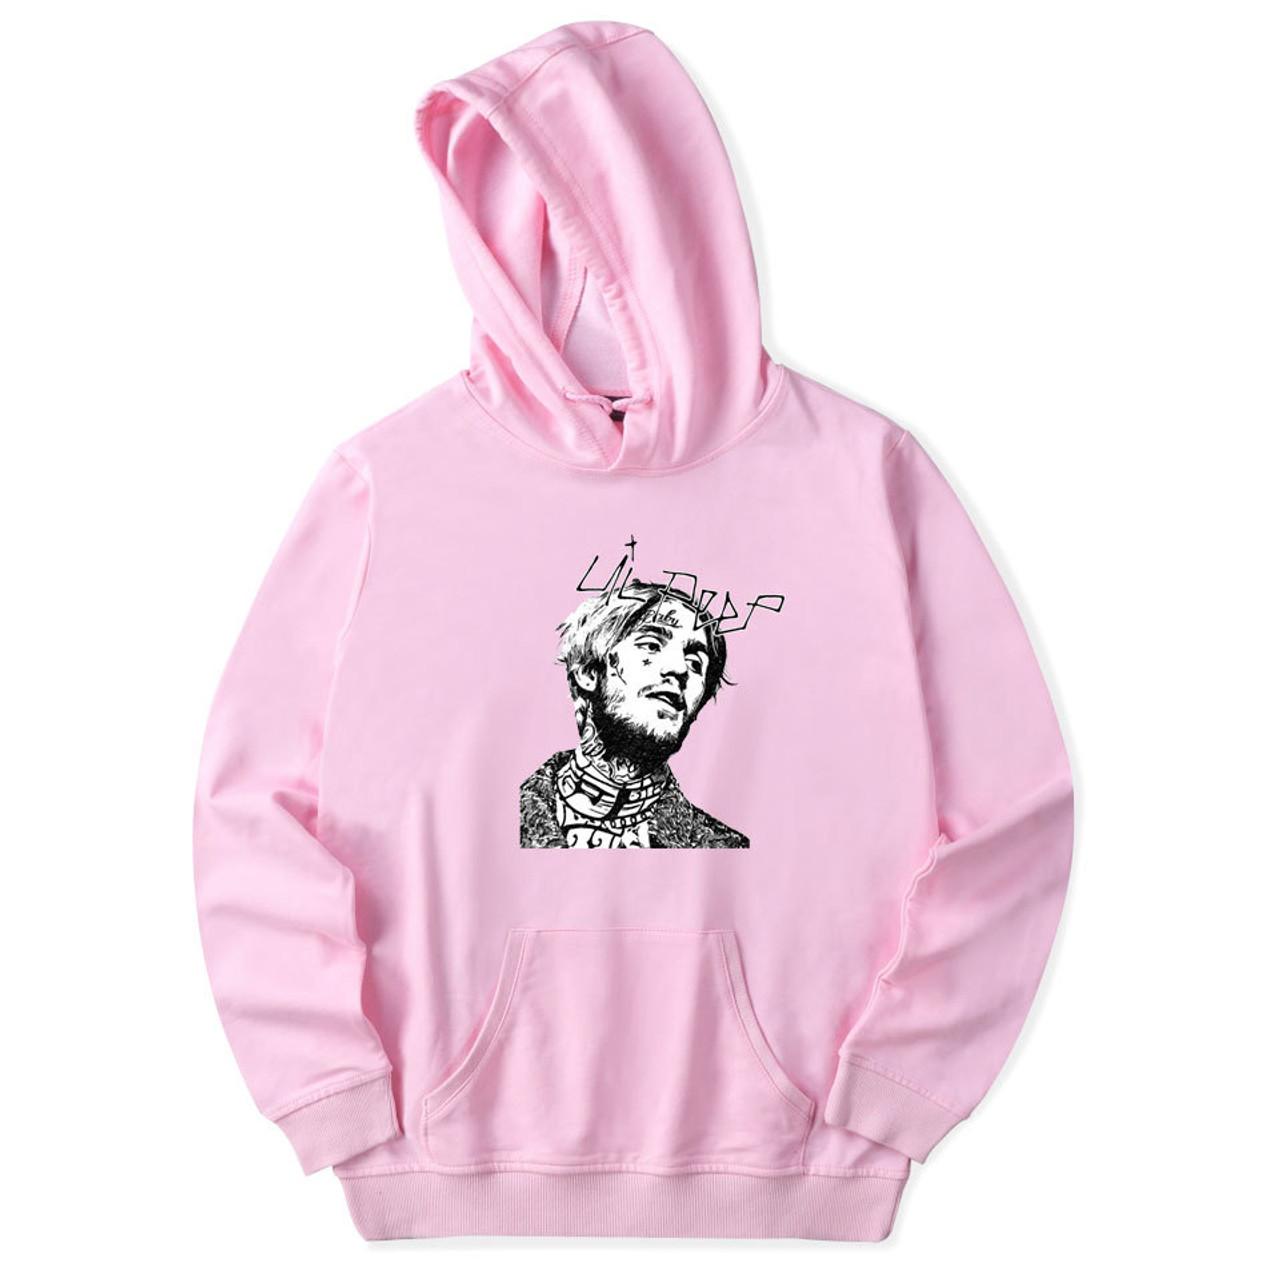 15cd8598827b Lil Peep Hoodies Love Winter Men Sweatshirts Hooded Pullover Casual ...